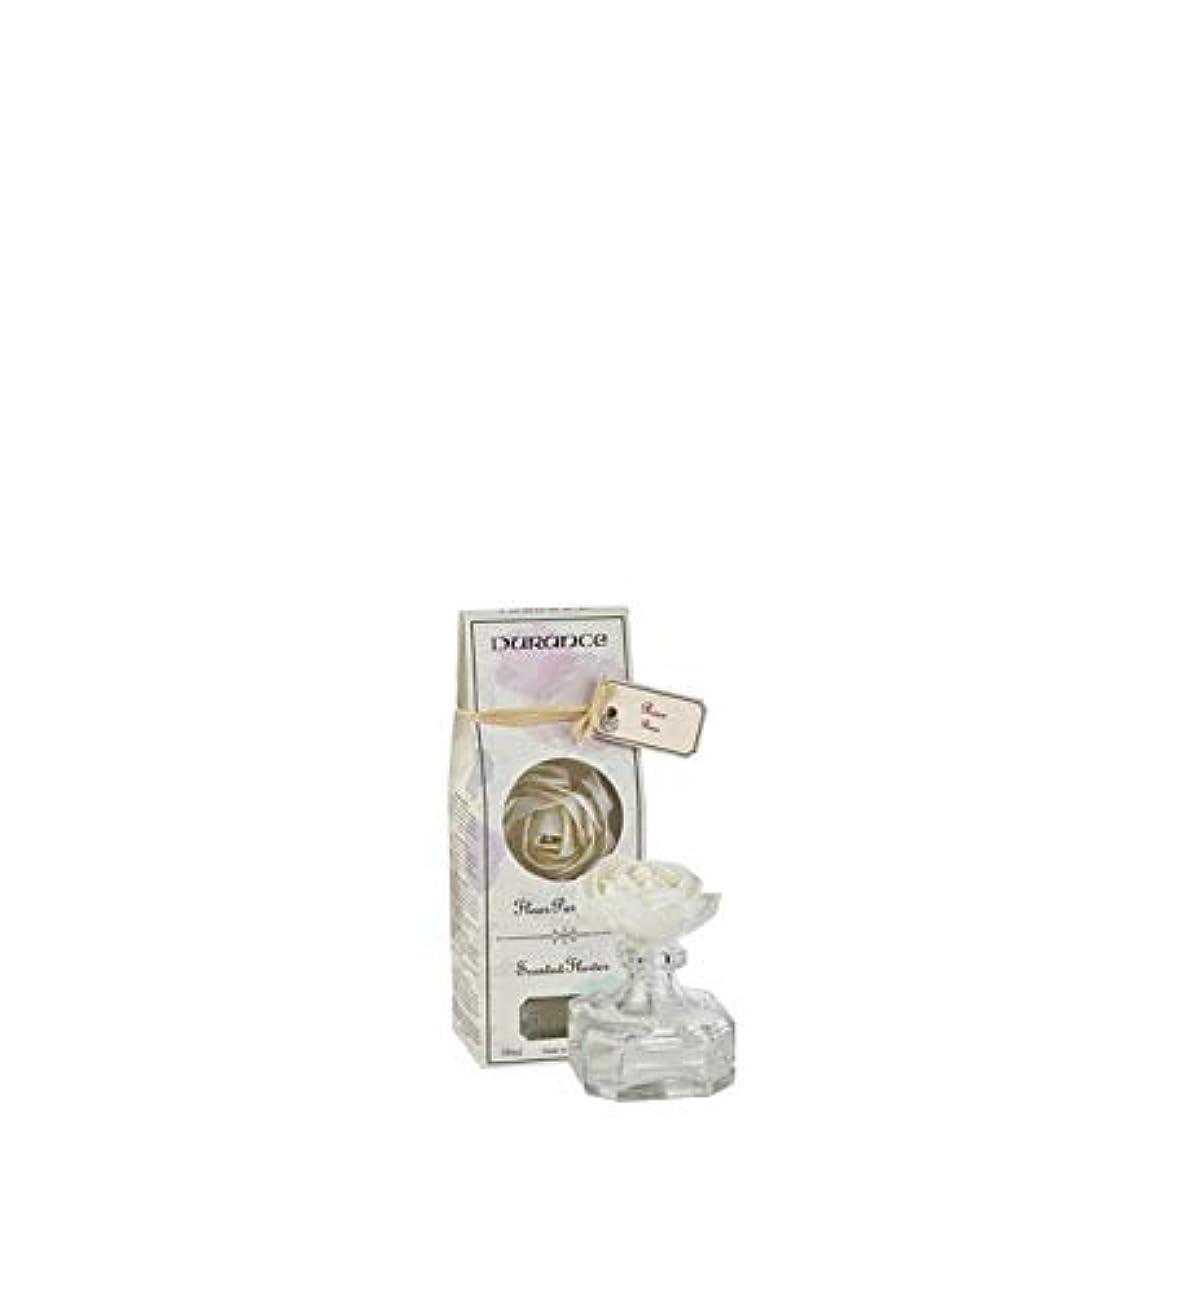 挑む議会結婚するDURANCEデュランス ローズフラワーブーケ100ml ローズの香り ルームフレグランス 芳香剤